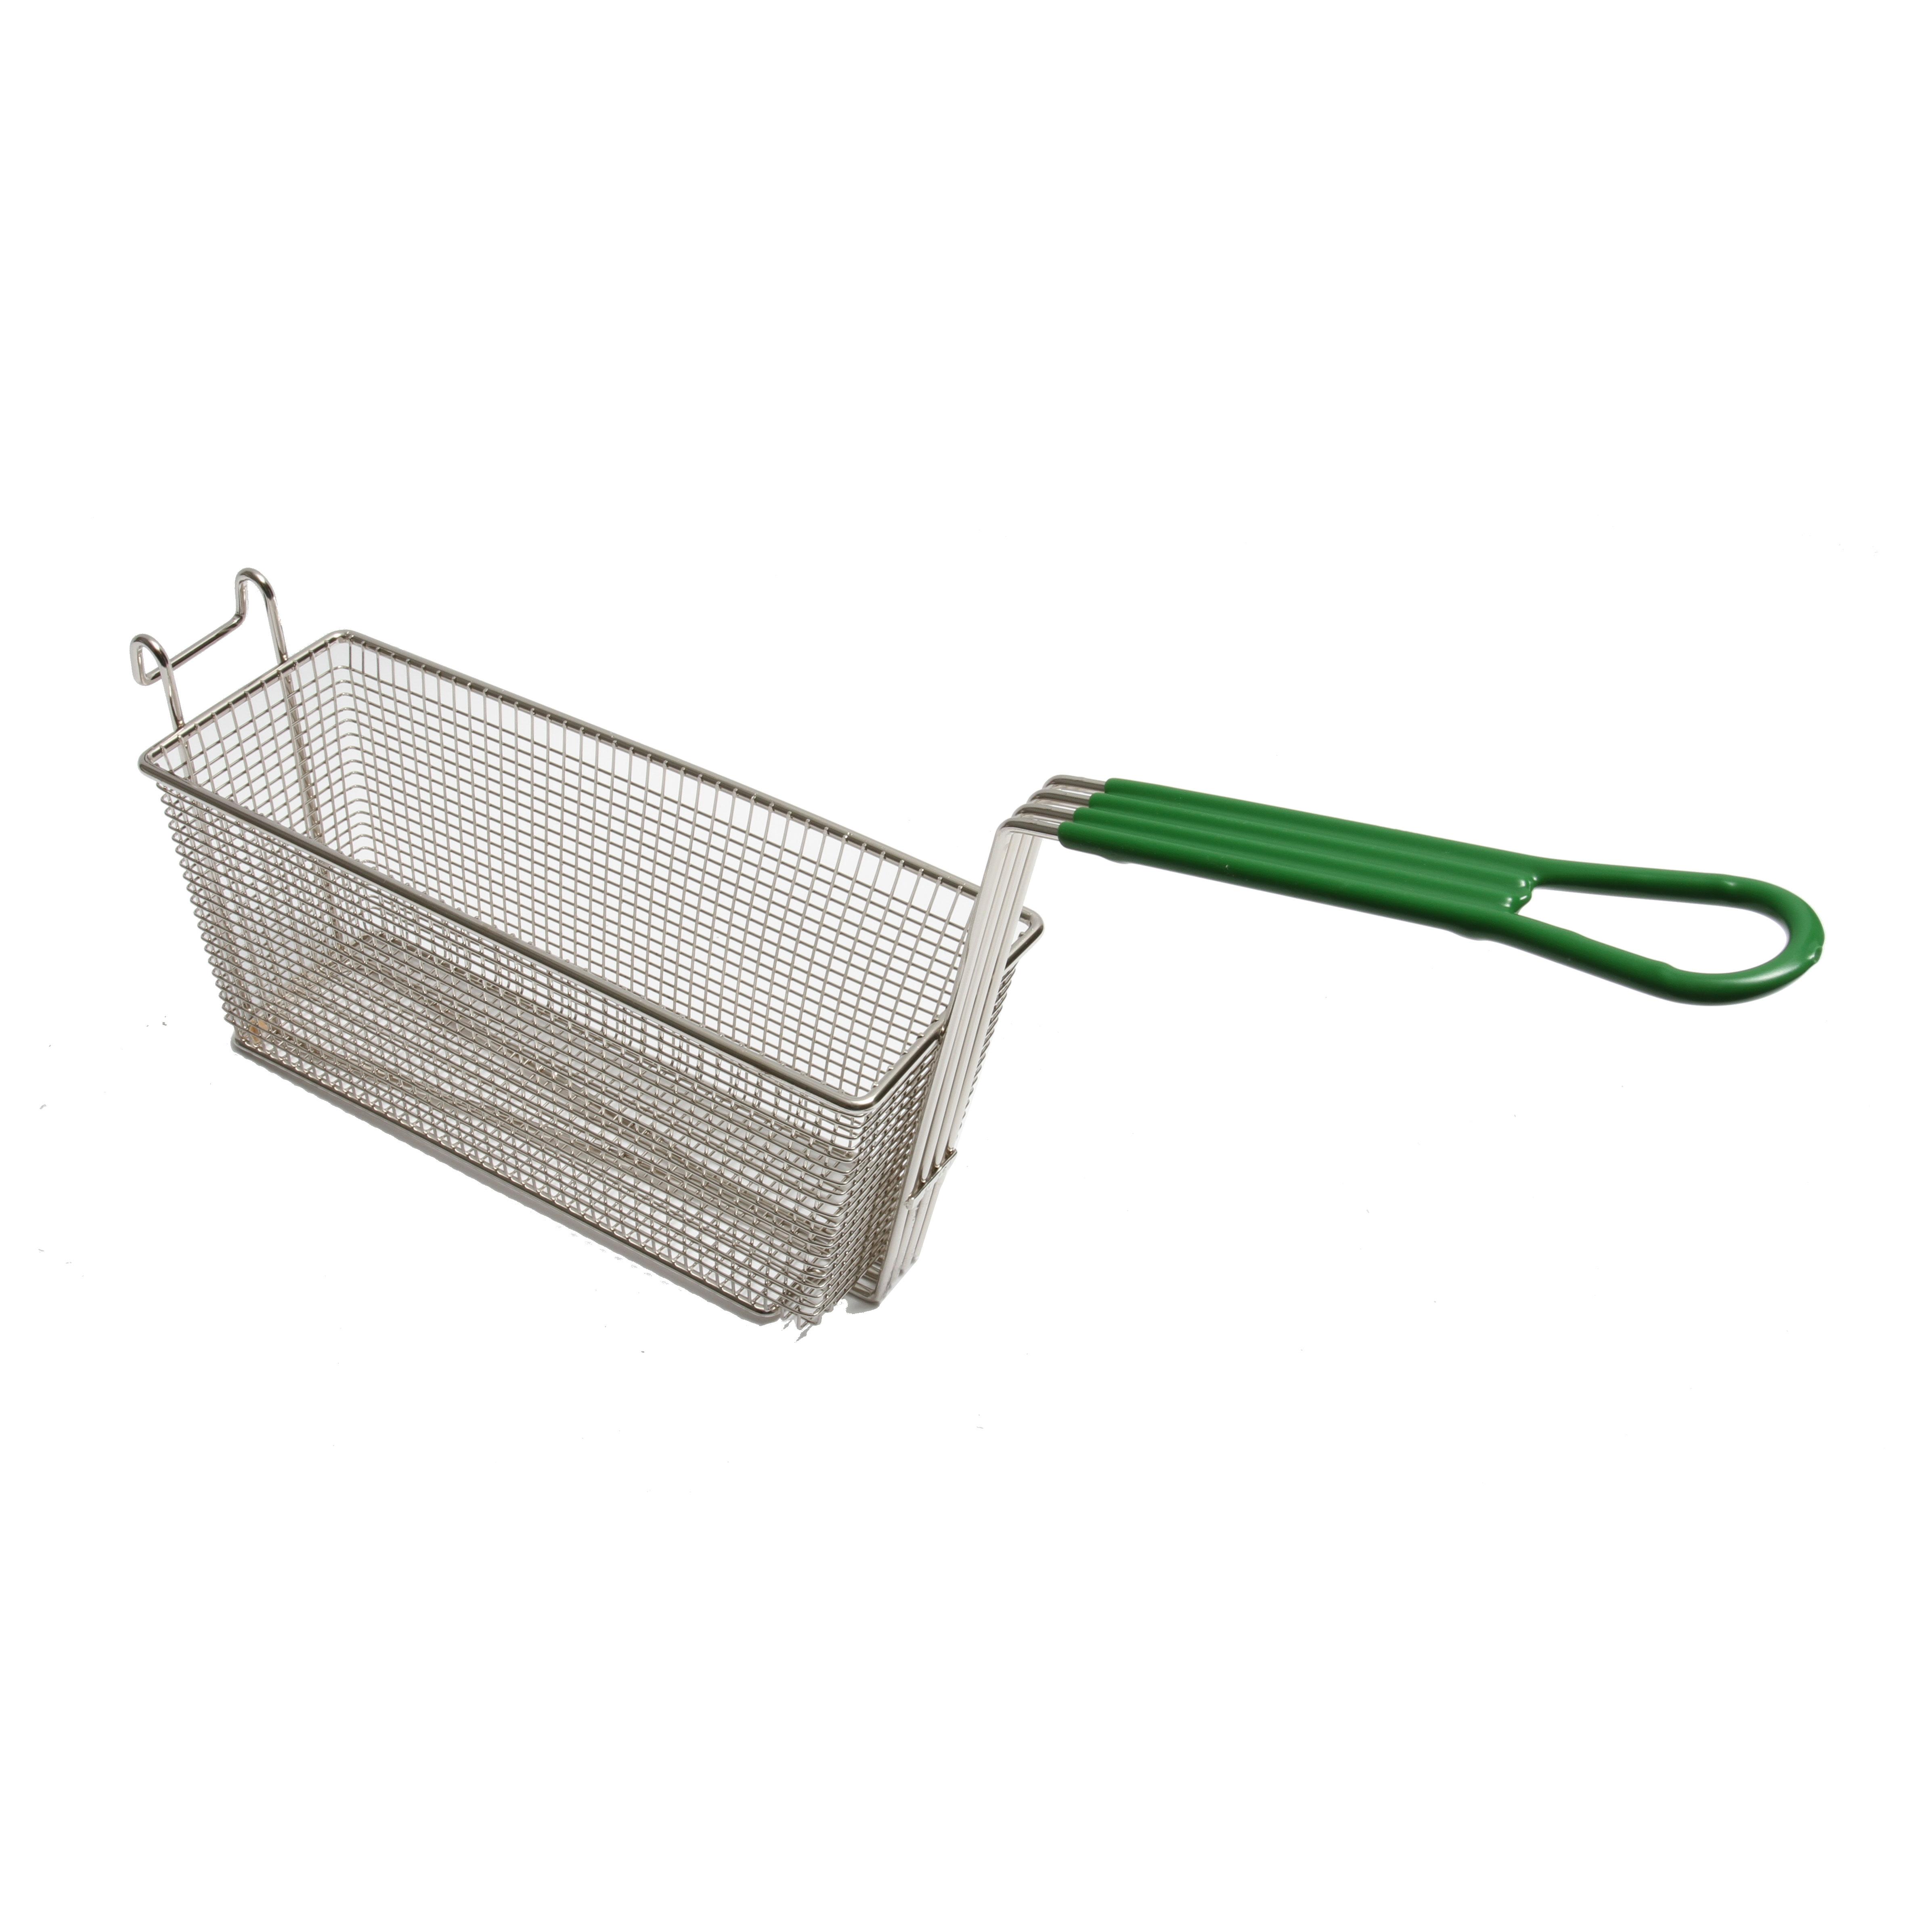 Frymaster 803-0357@TRIRE fryer basket